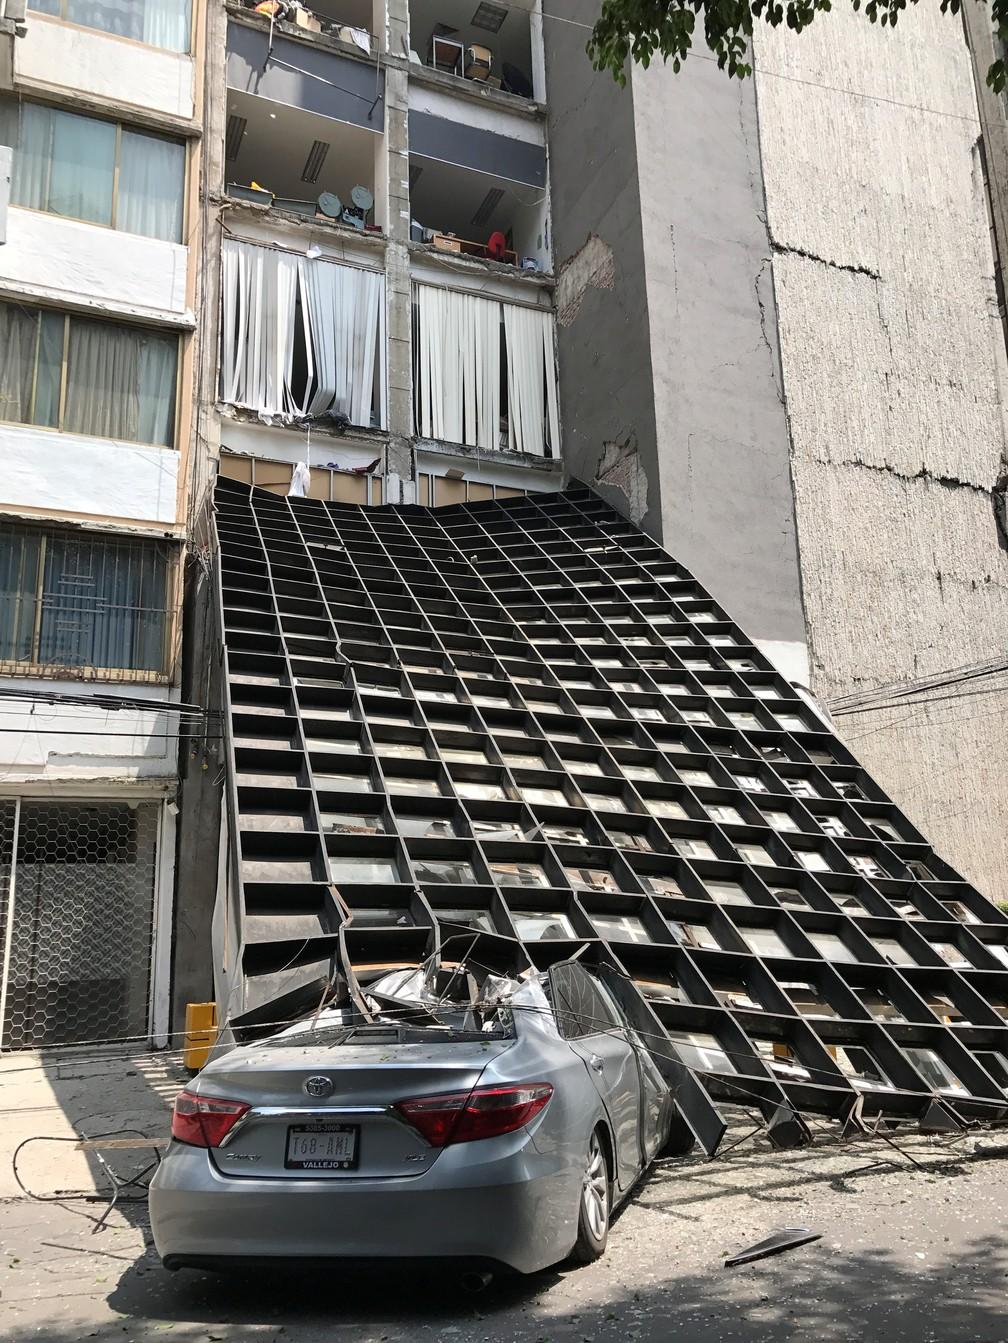 Prédio danificado na Cidade do México (Foto: Claudia Daut/Reuters)